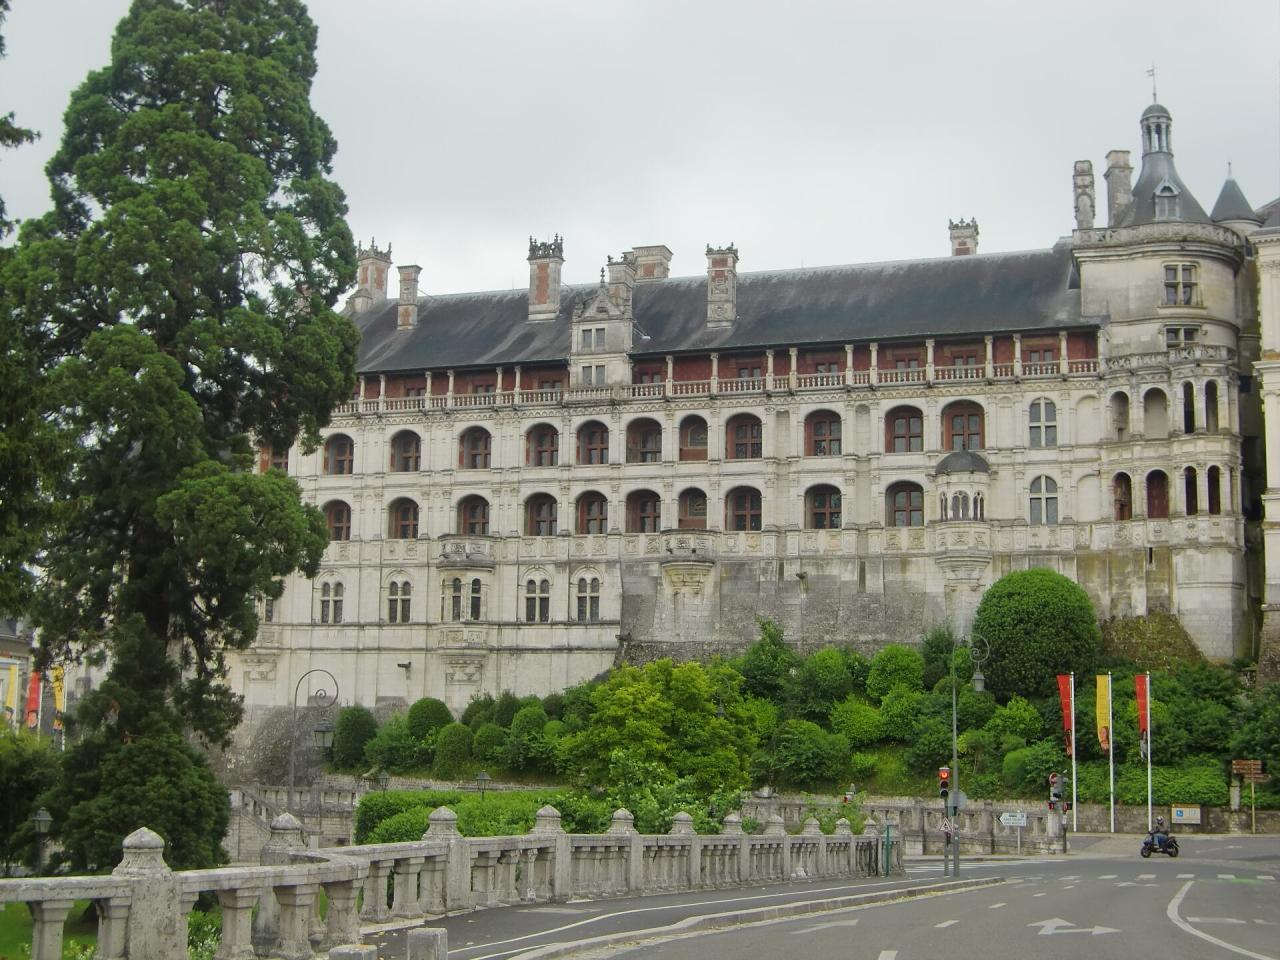 ブロワ城の画像 p1_7